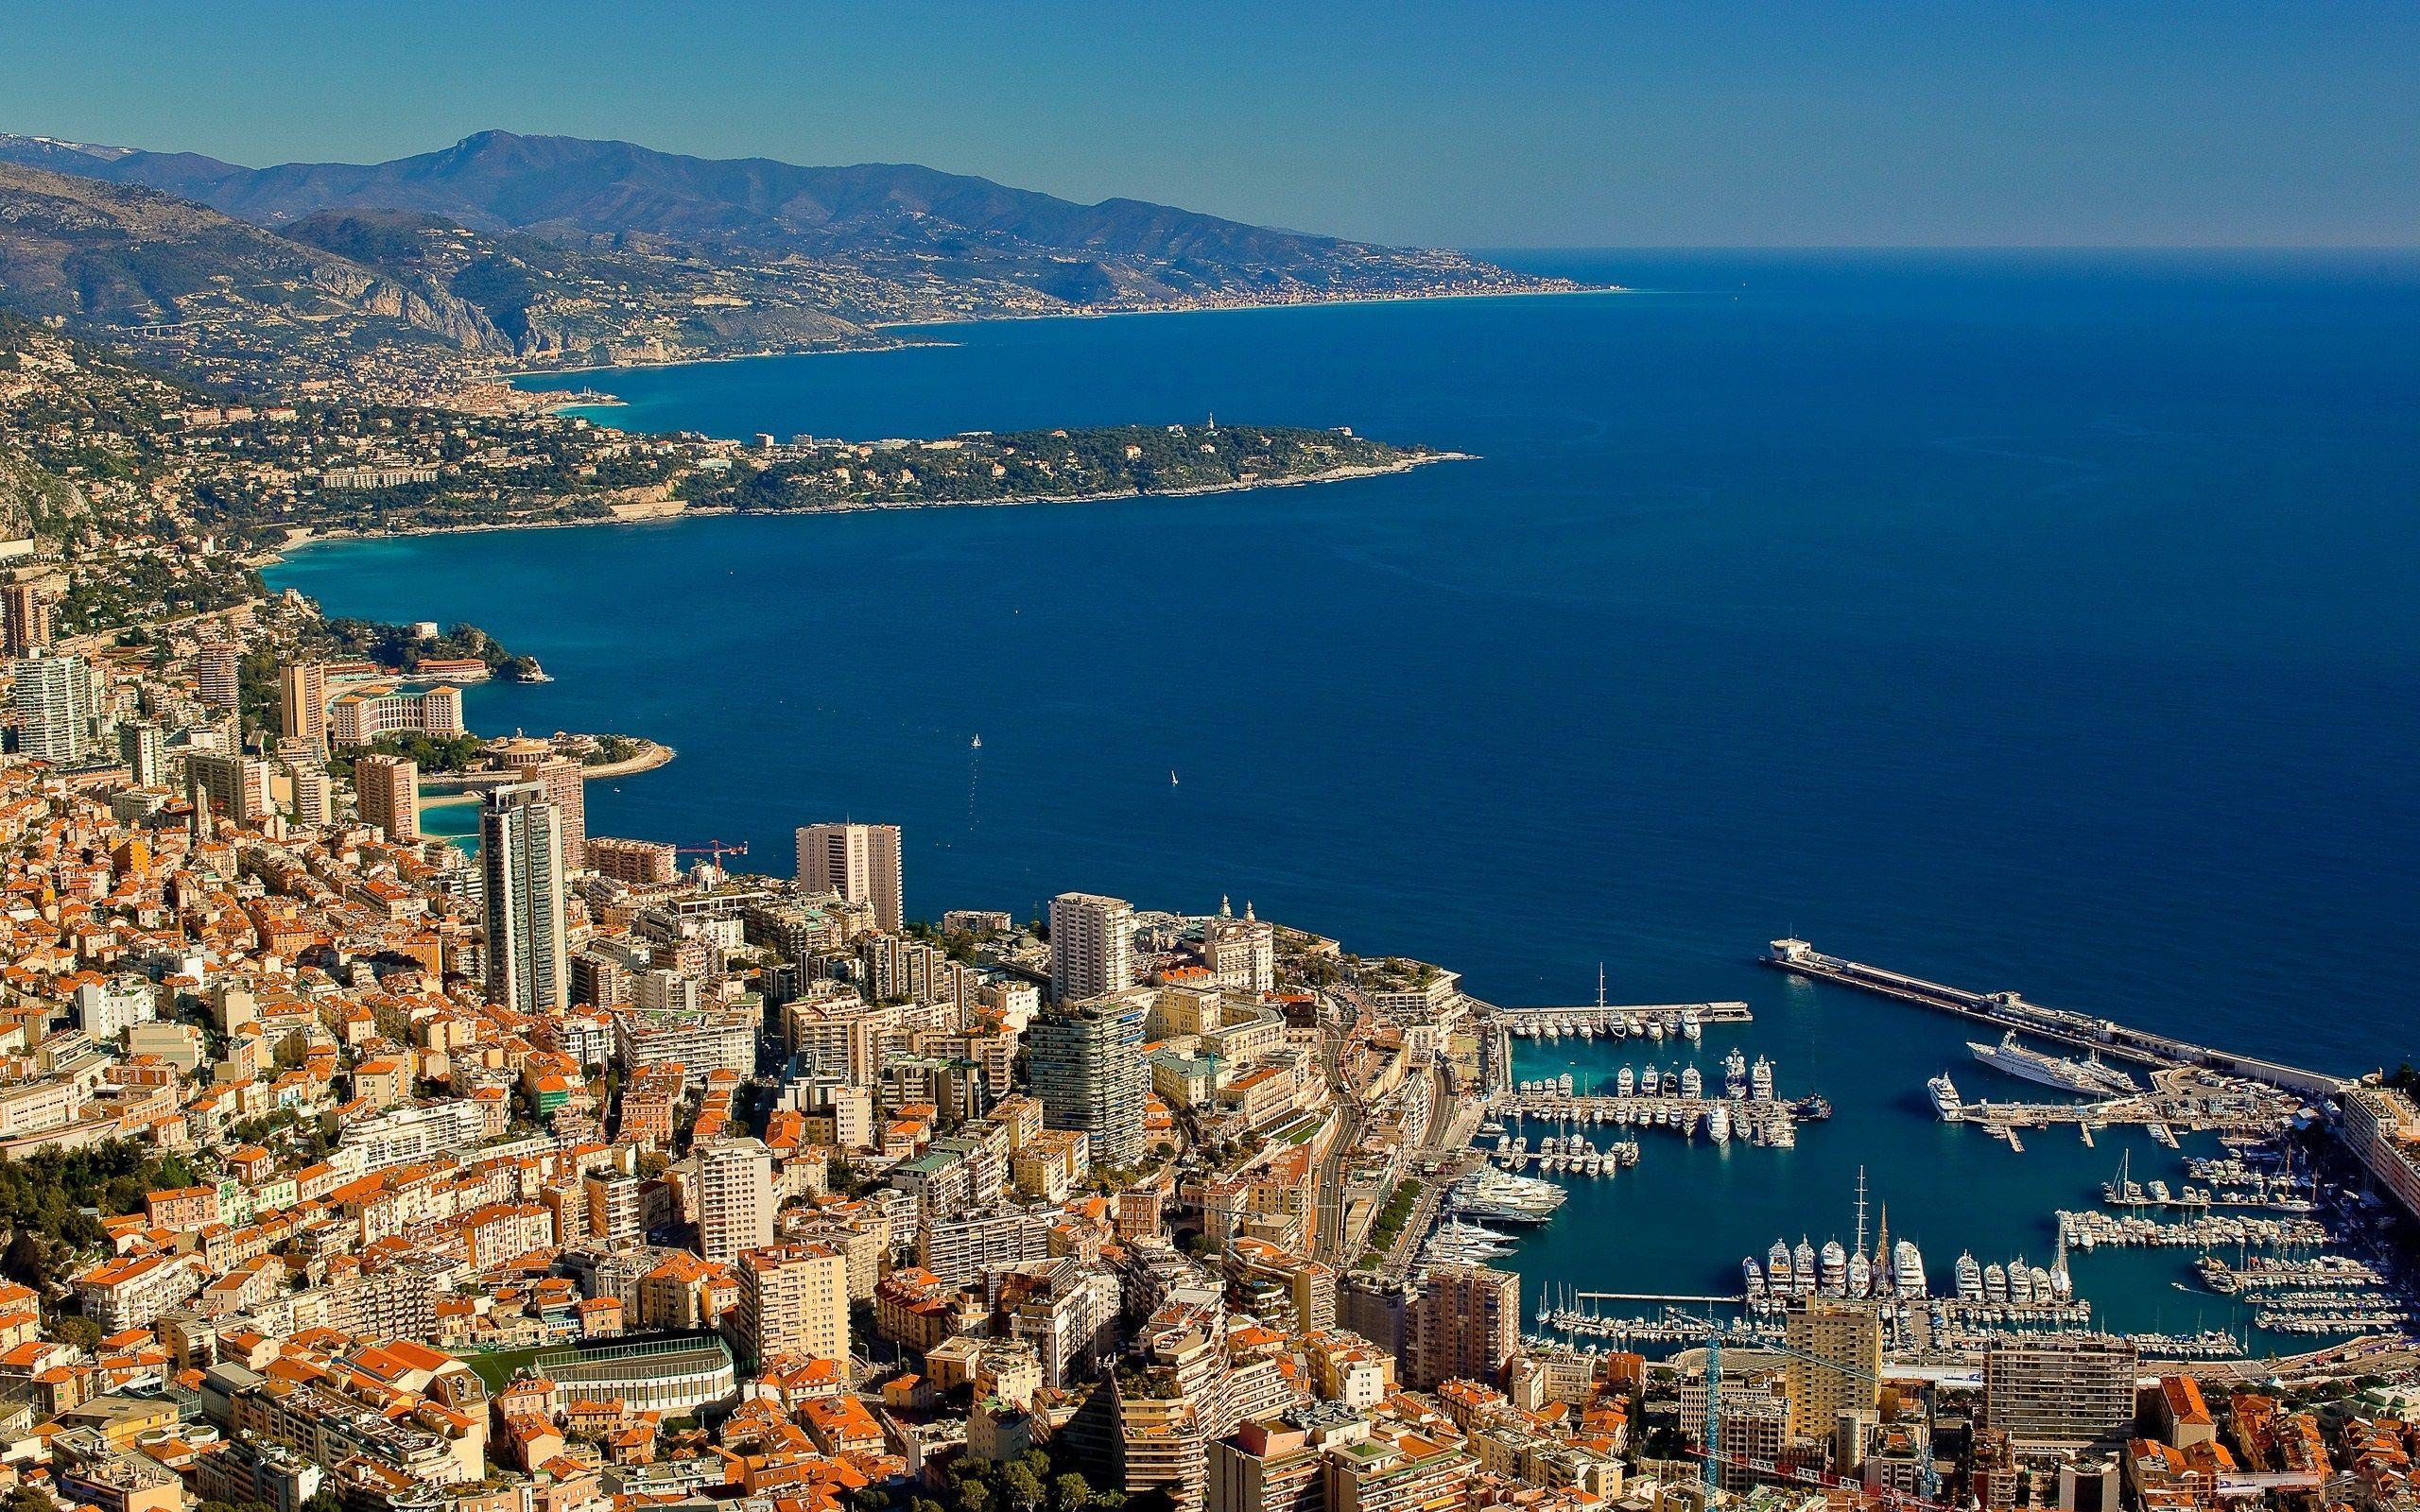 качественные картинки монако отделка балкона это